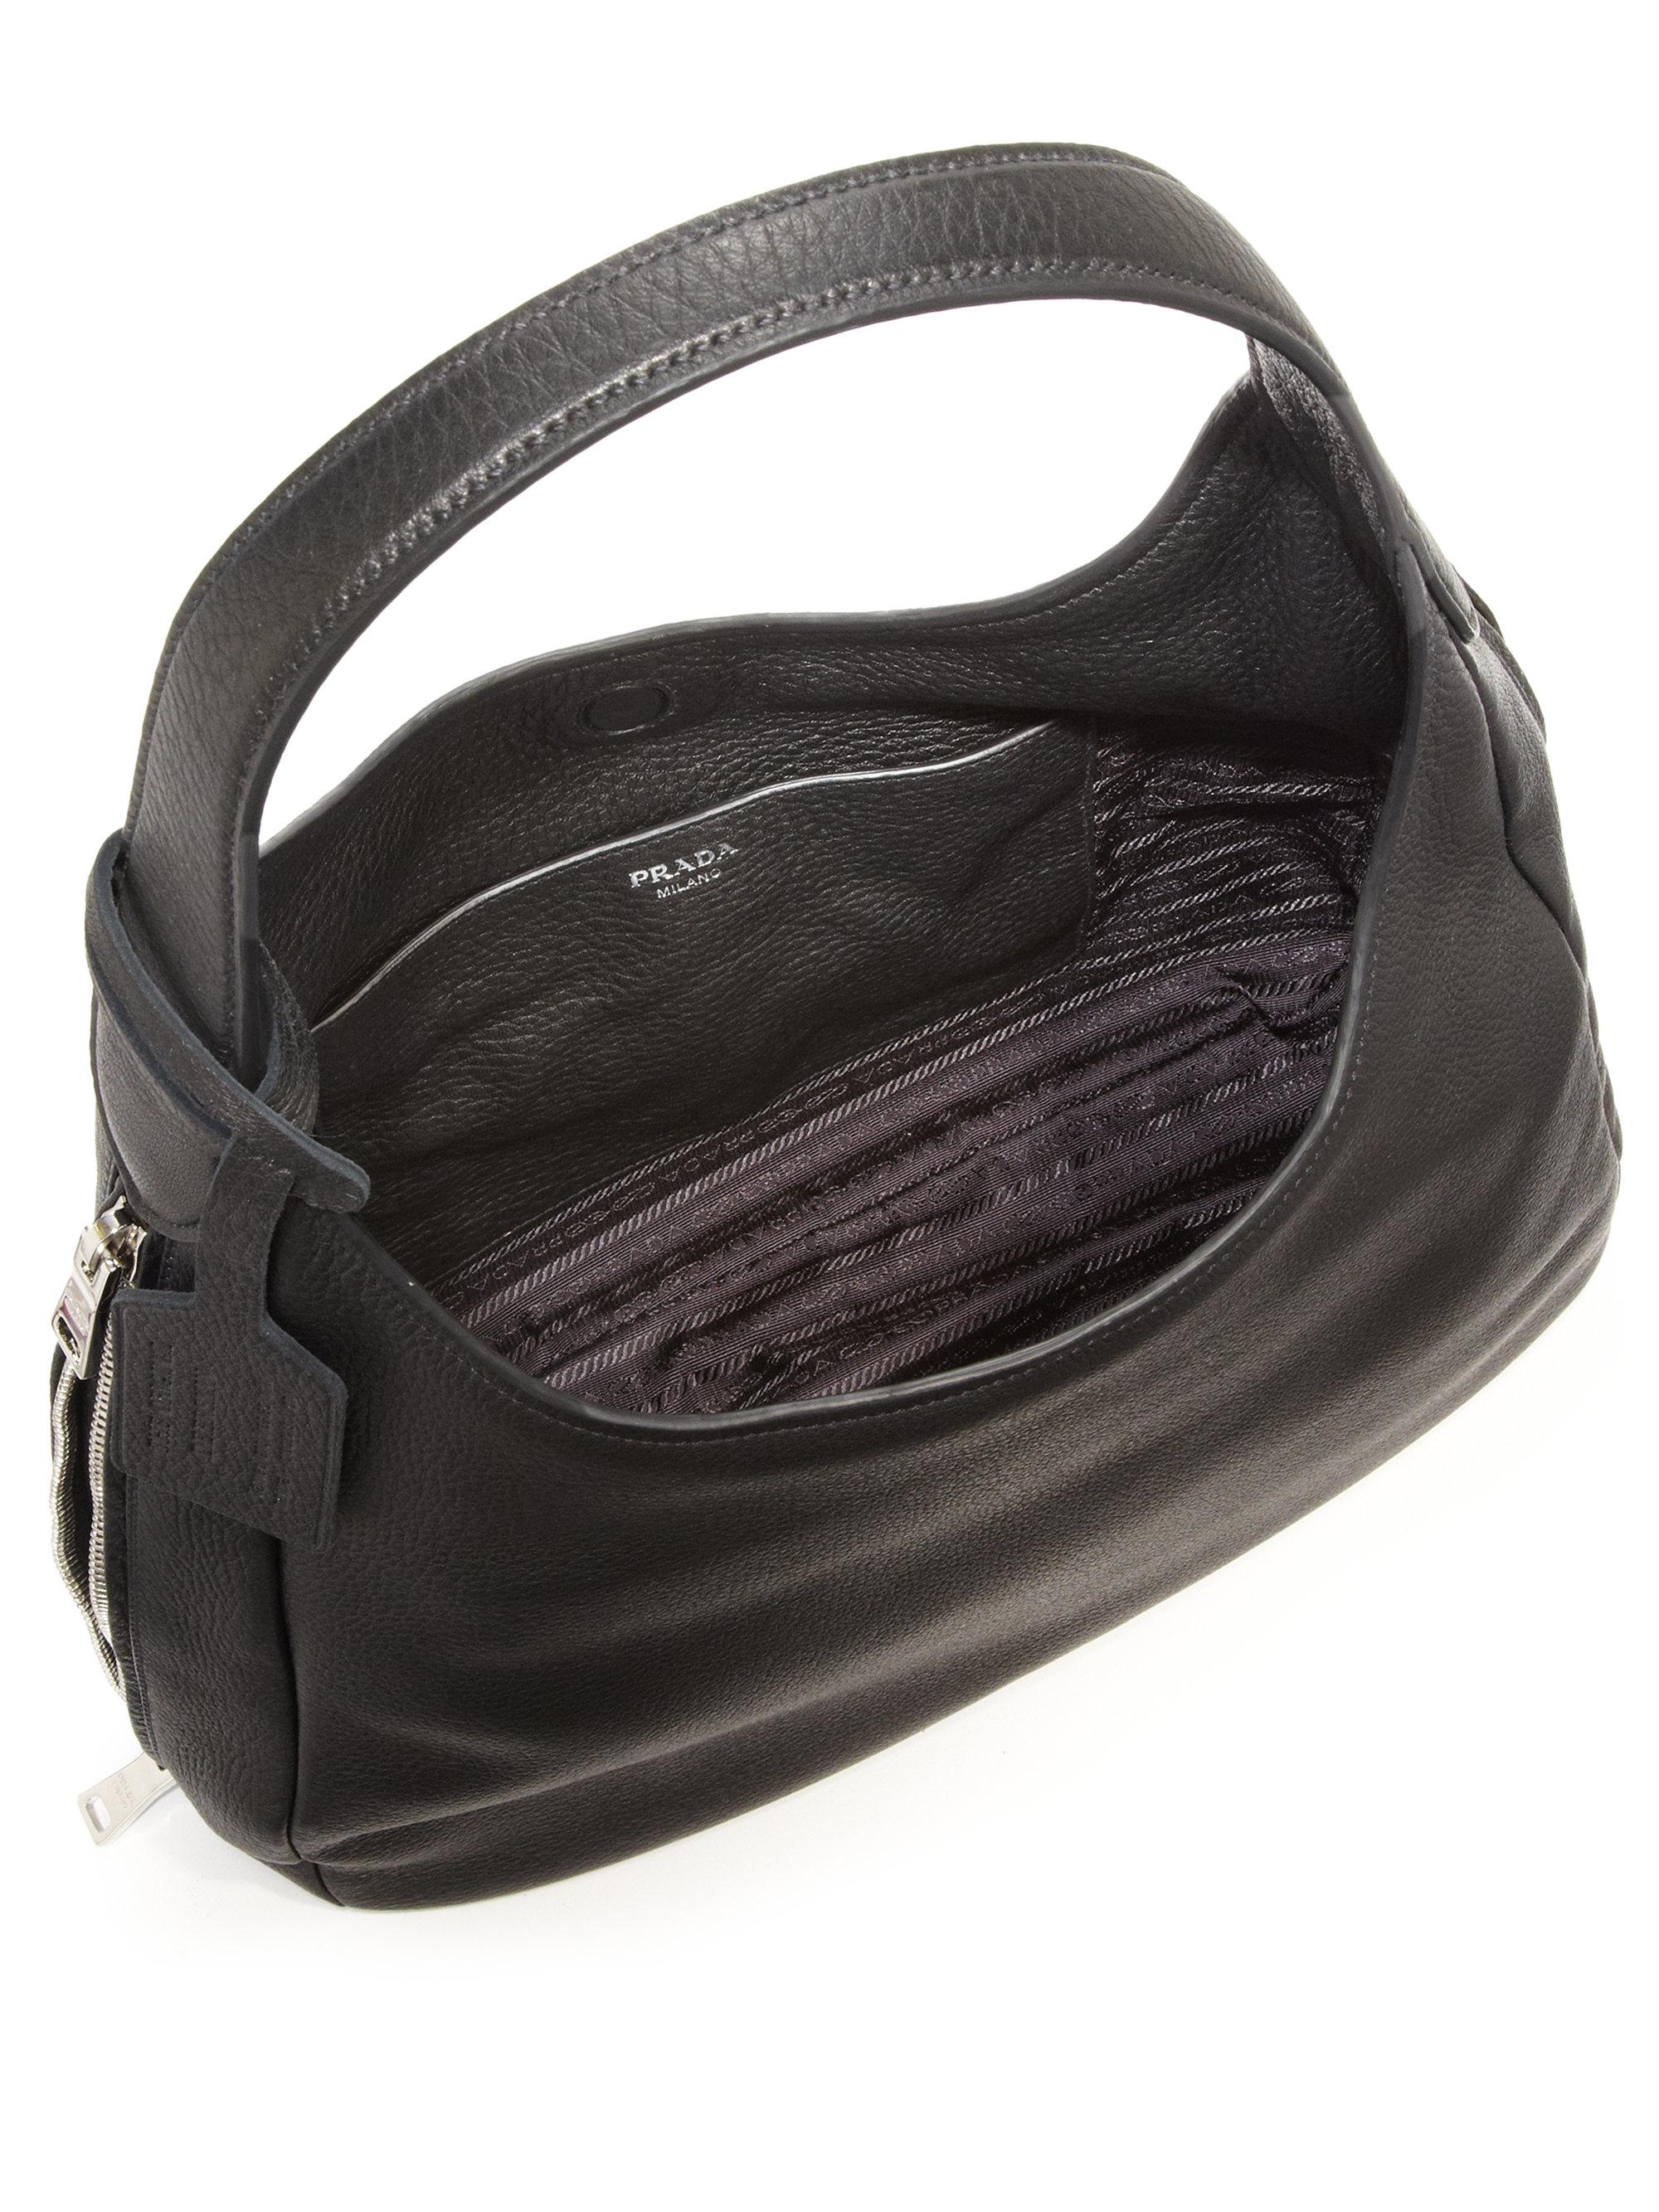 wholesale prada purses - Prada Deerskin Hobo Bag in Black | Lyst